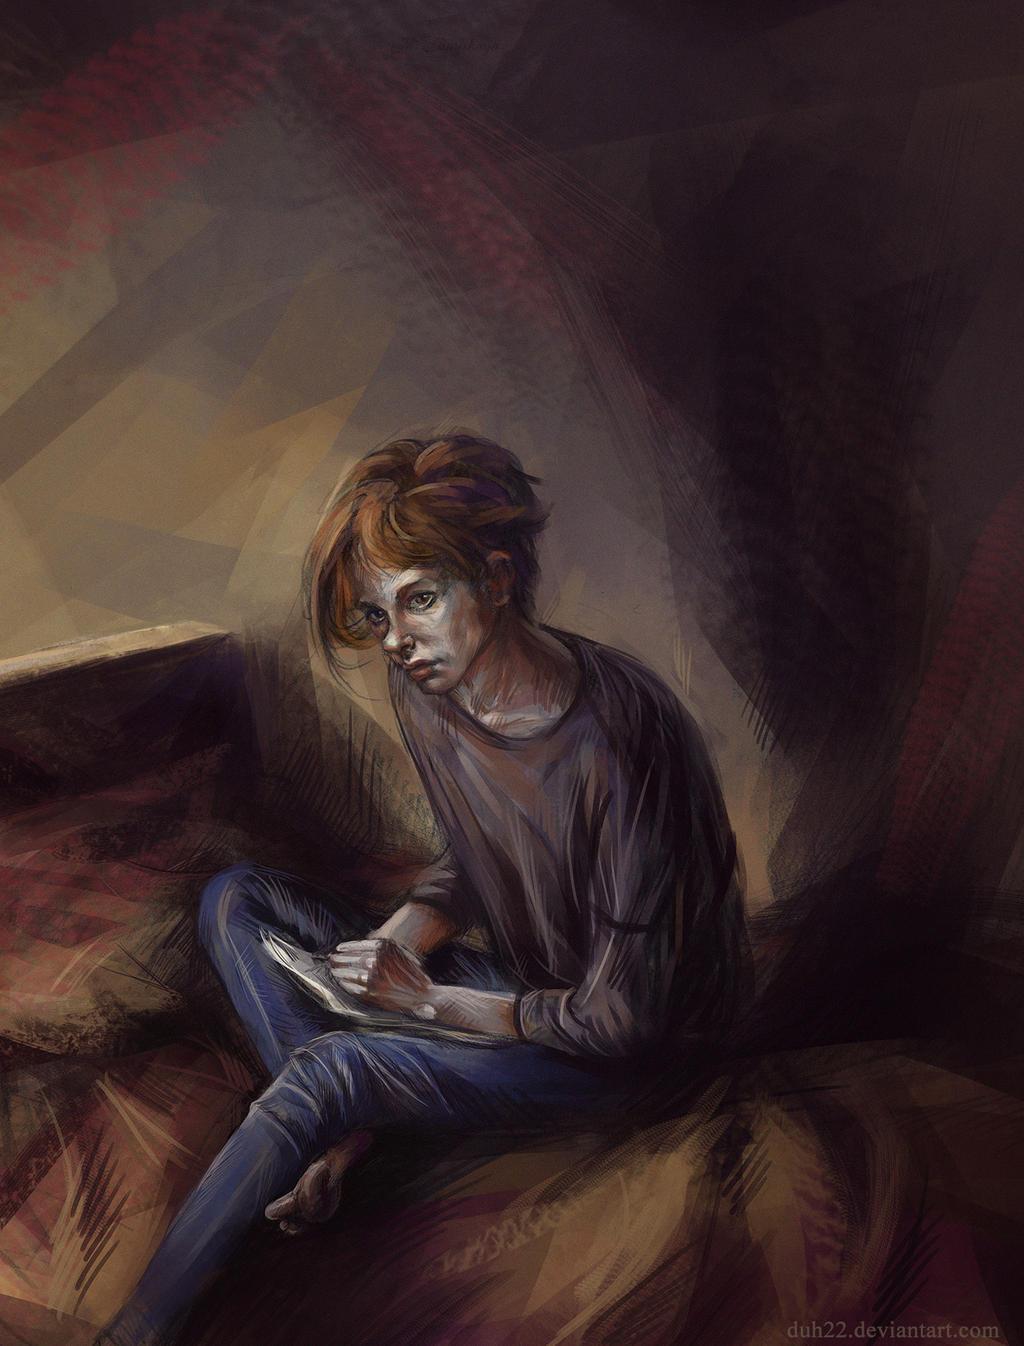 Sketch - Claude by Duh22